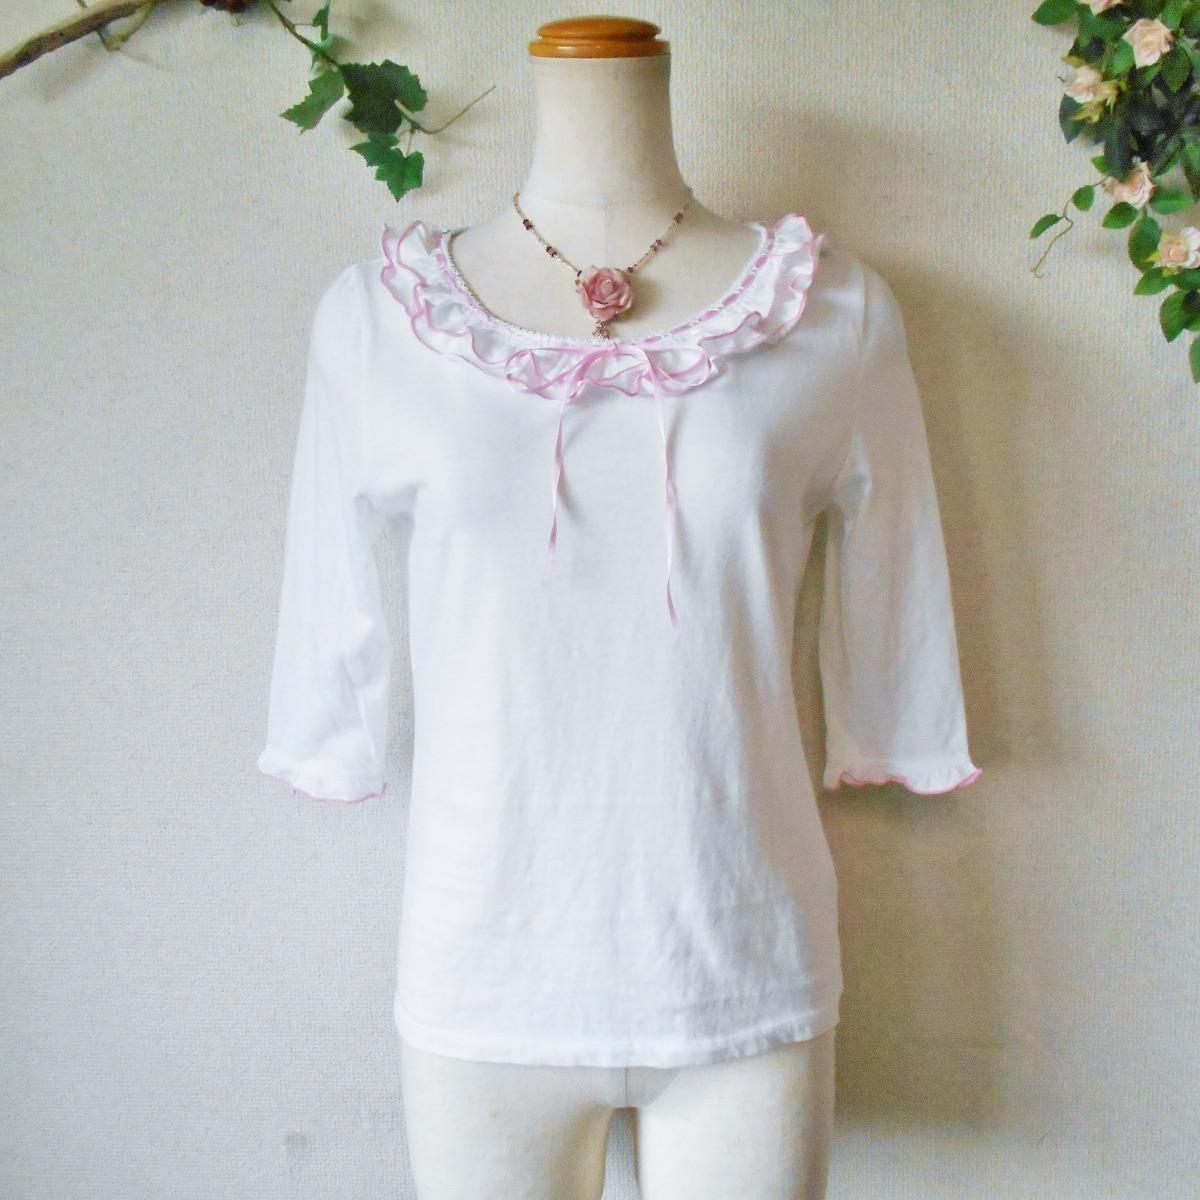 レストローズ LEST ROSE はしご リボン & フリル の 可愛い 7分袖 カットソー 日本製 M_画像1